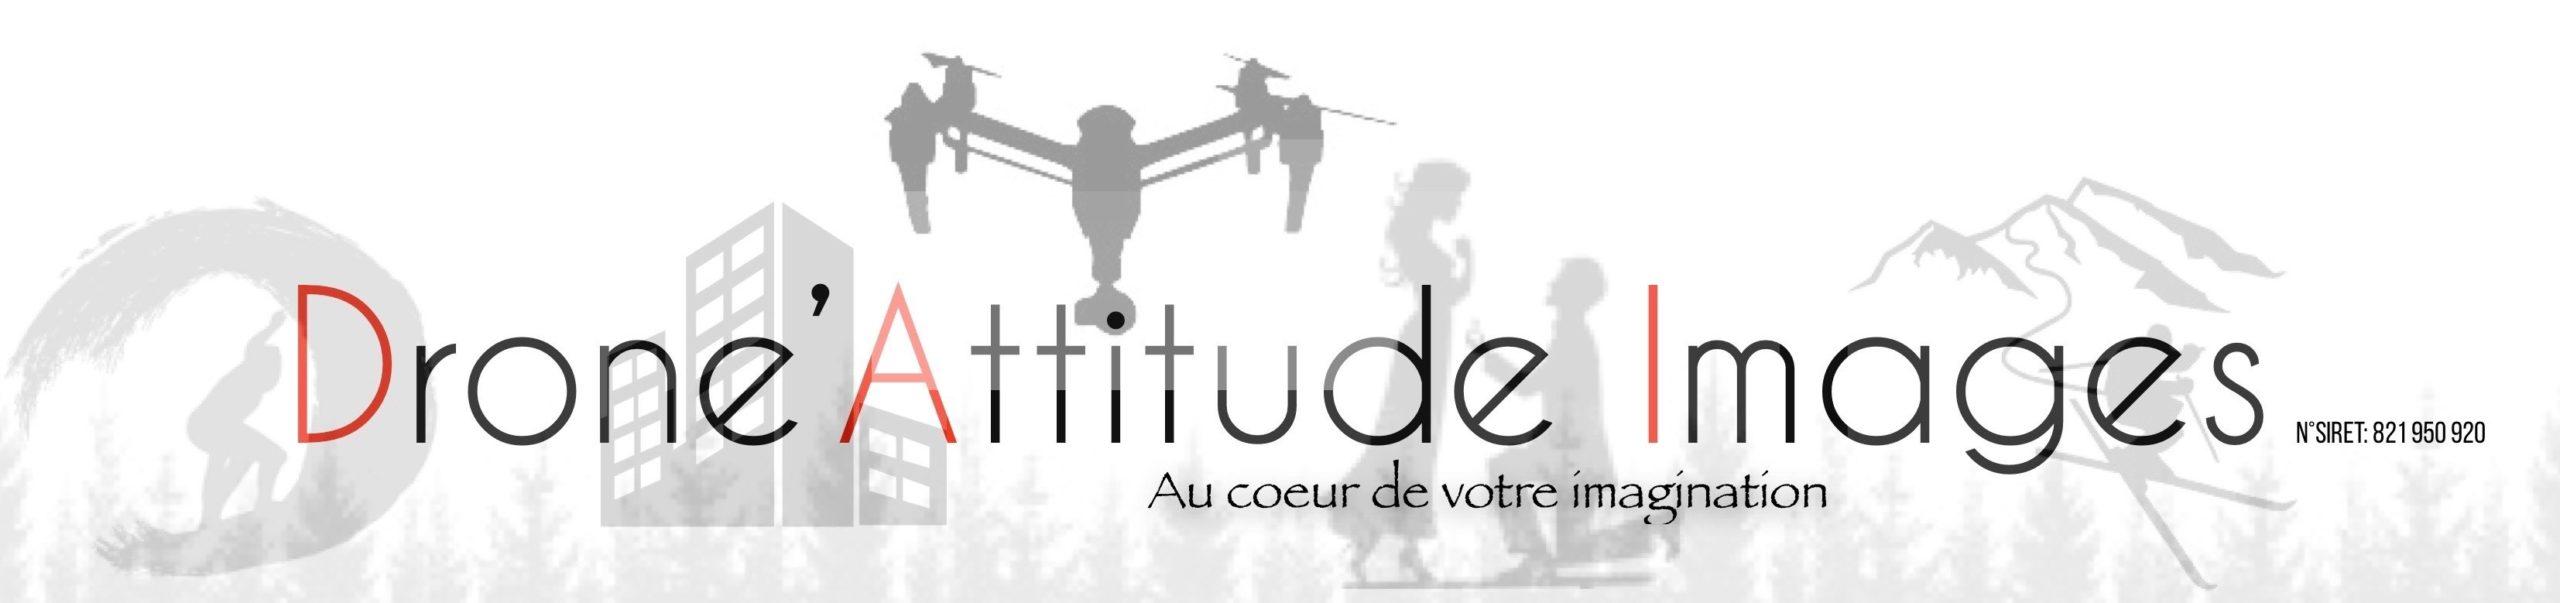 Drone'attitude image